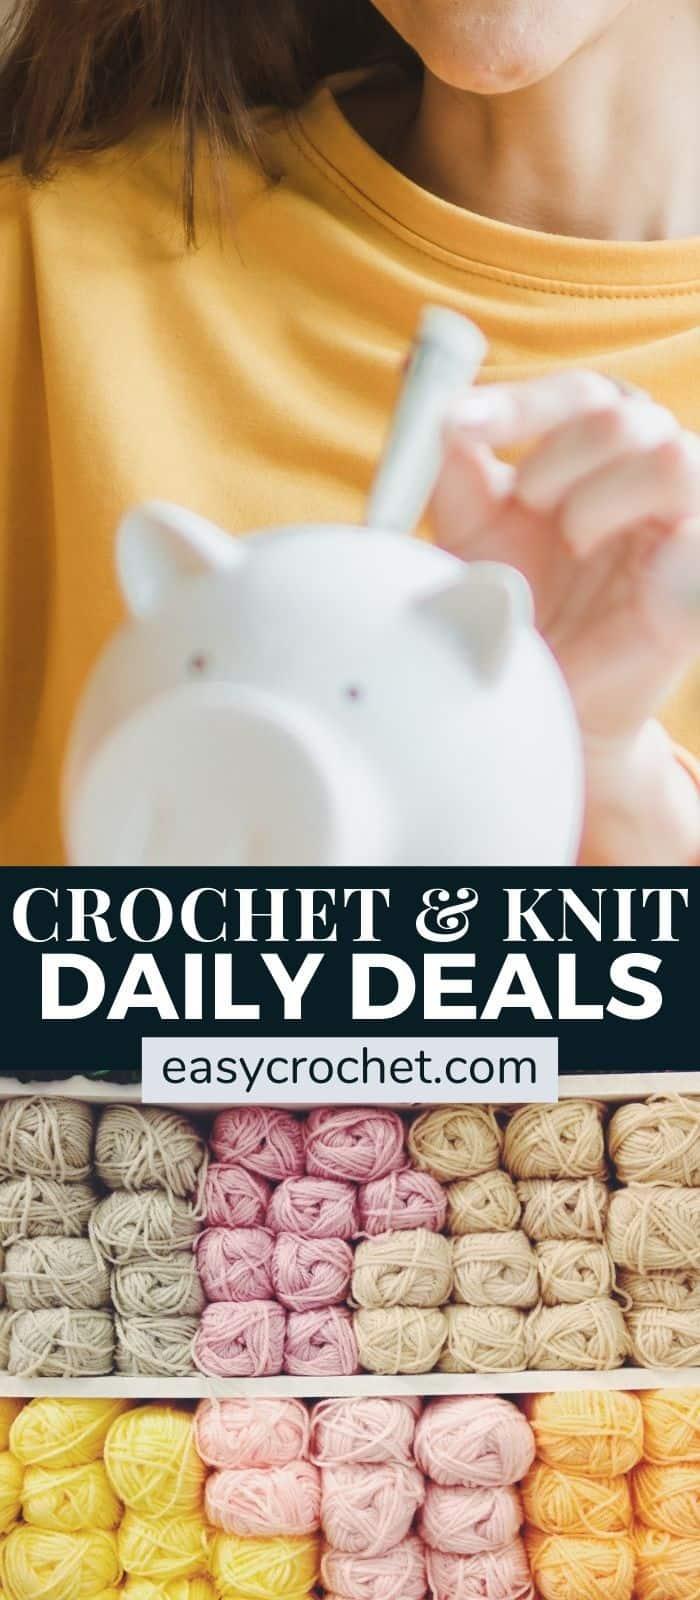 Crochet & Knit deals